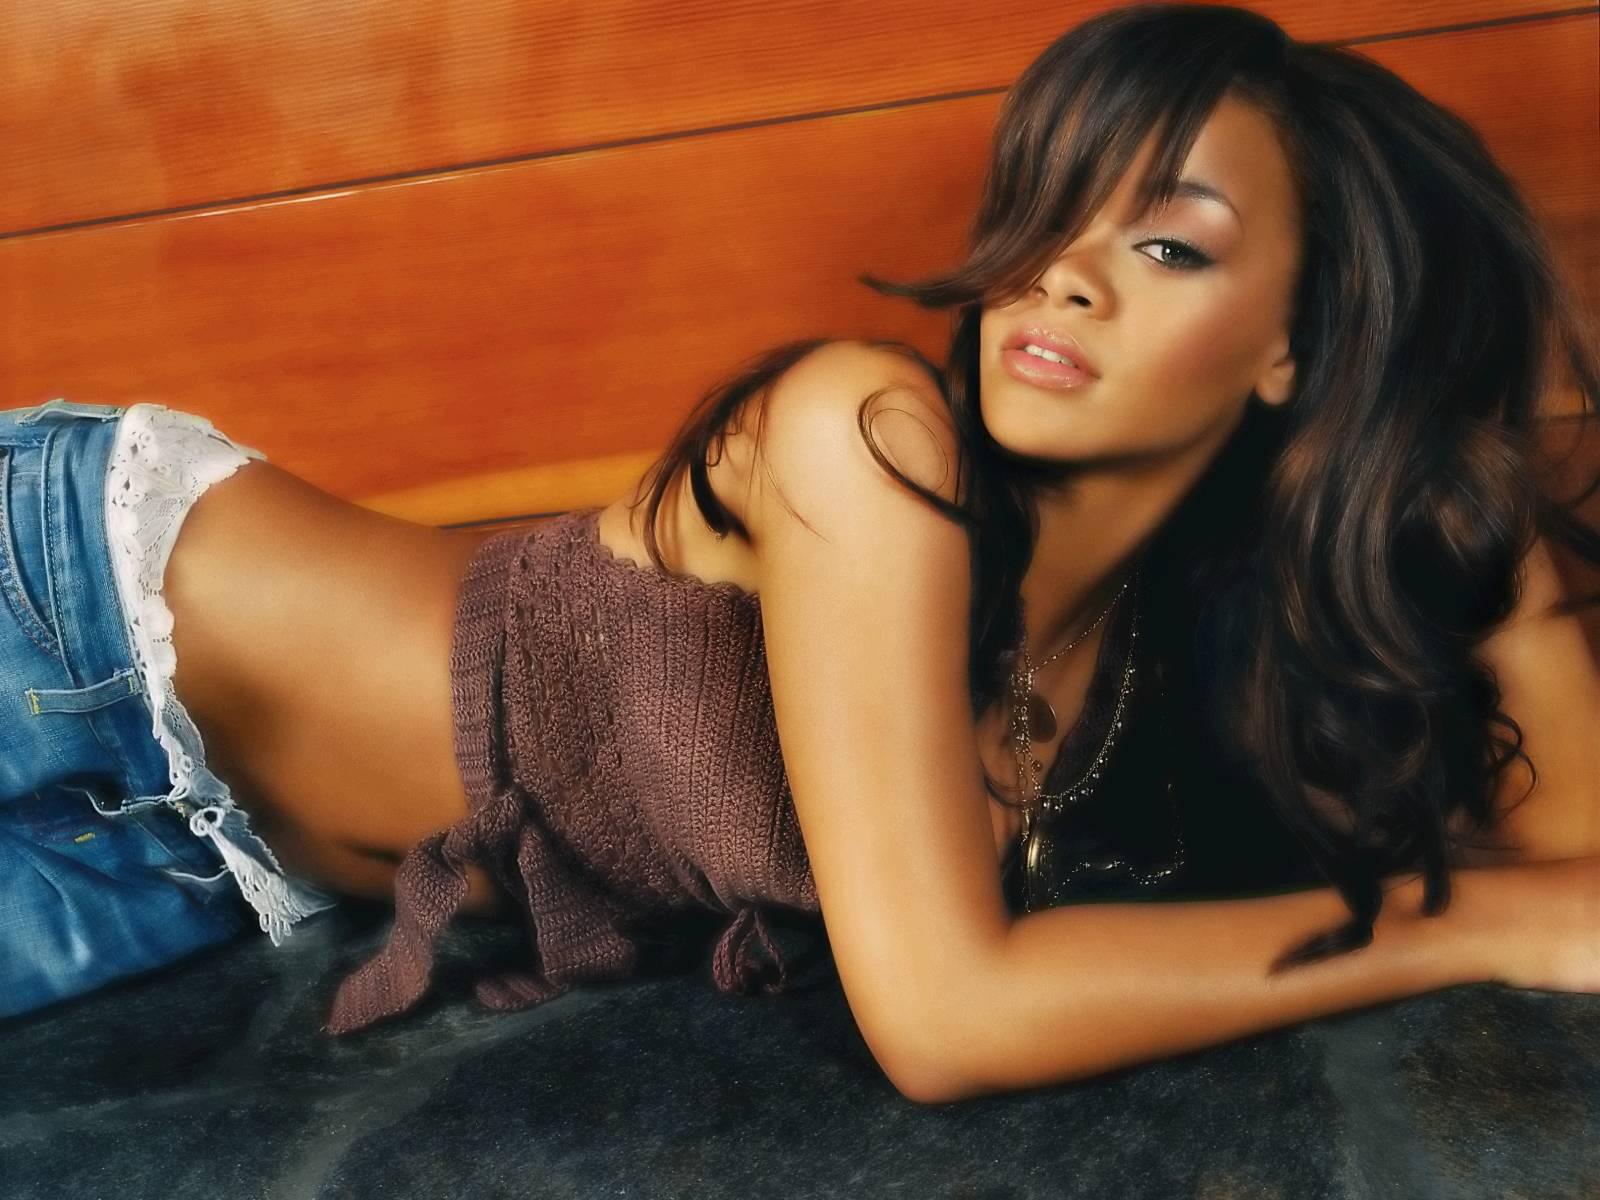 http://3.bp.blogspot.com/_2IU2Nt4rD1k/TCGzLDZPN7I/AAAAAAAABvU/lVH_UH9tf5M/s1600/Rihanna+wallpapers+hq+%281%29.jpg